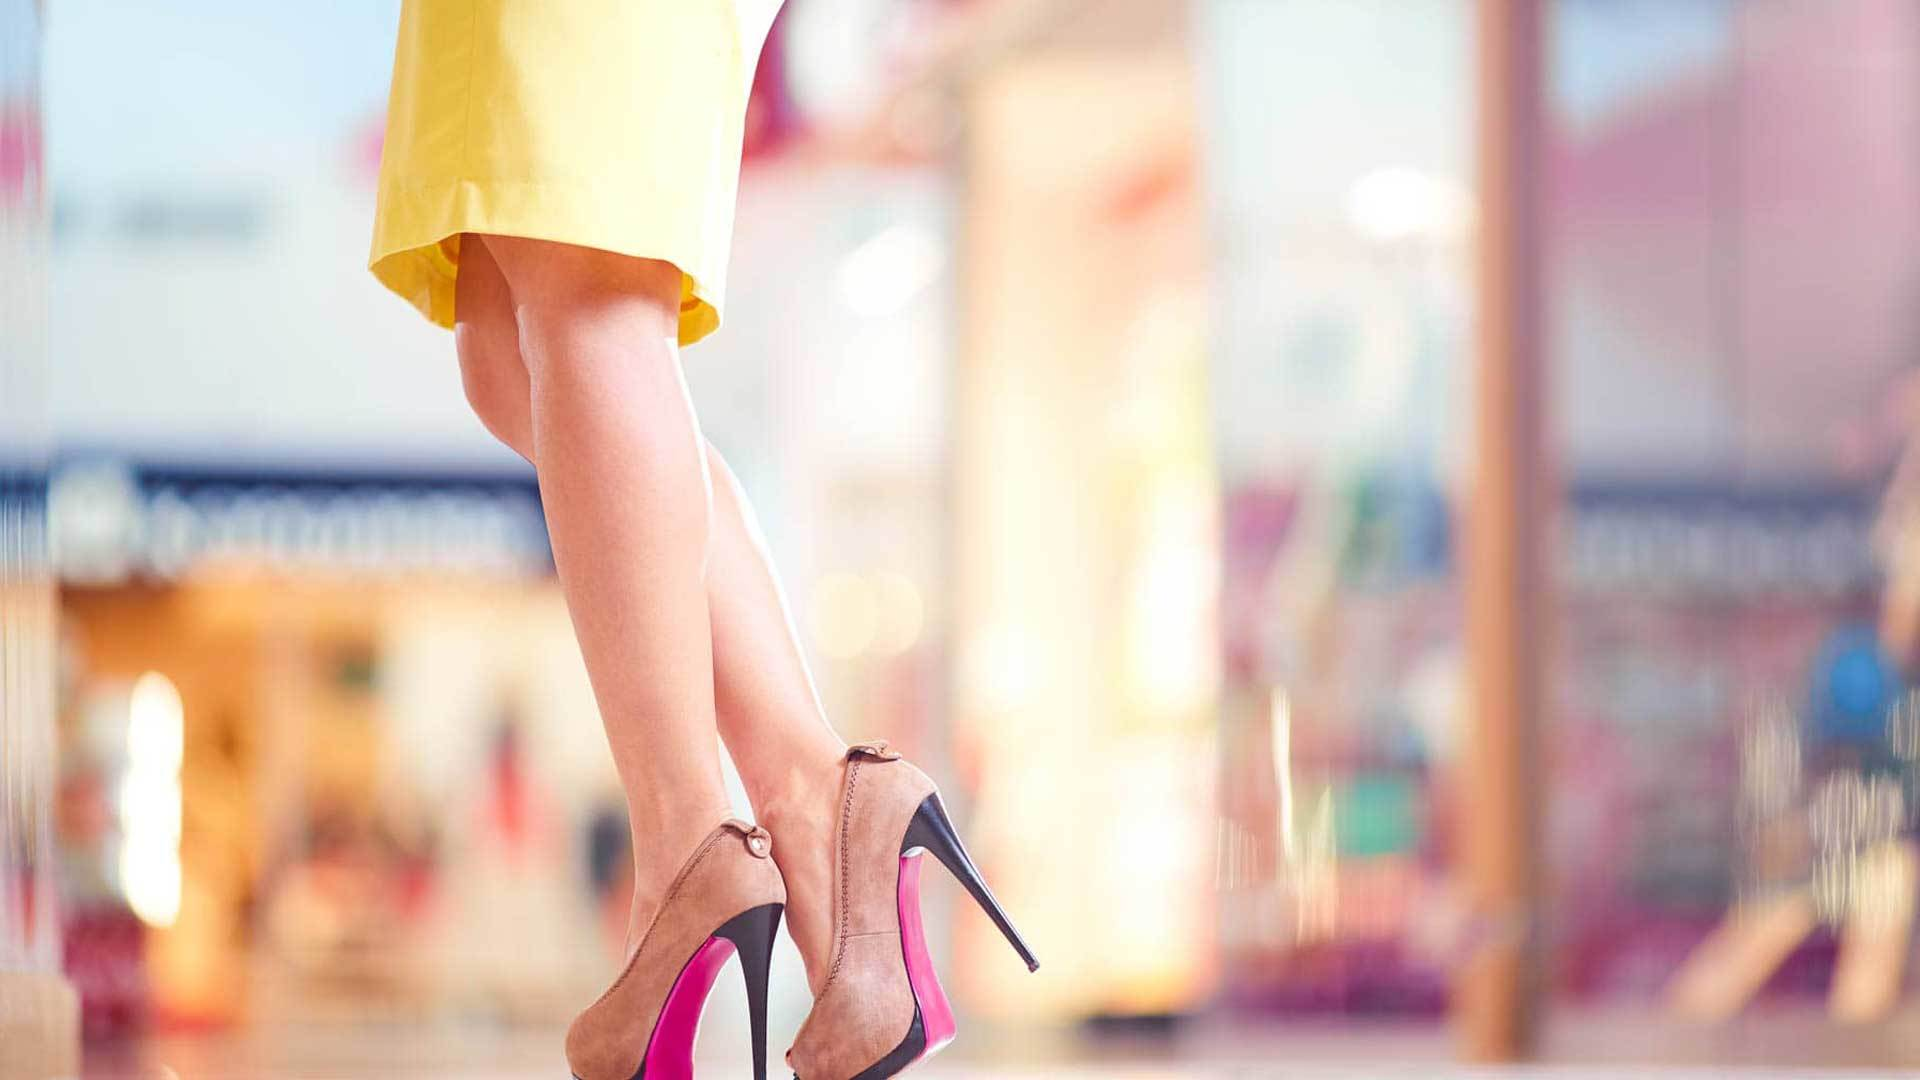 5 Tipps Gegen Cellulite Die Einzigen Die Wirklich Funktionieren